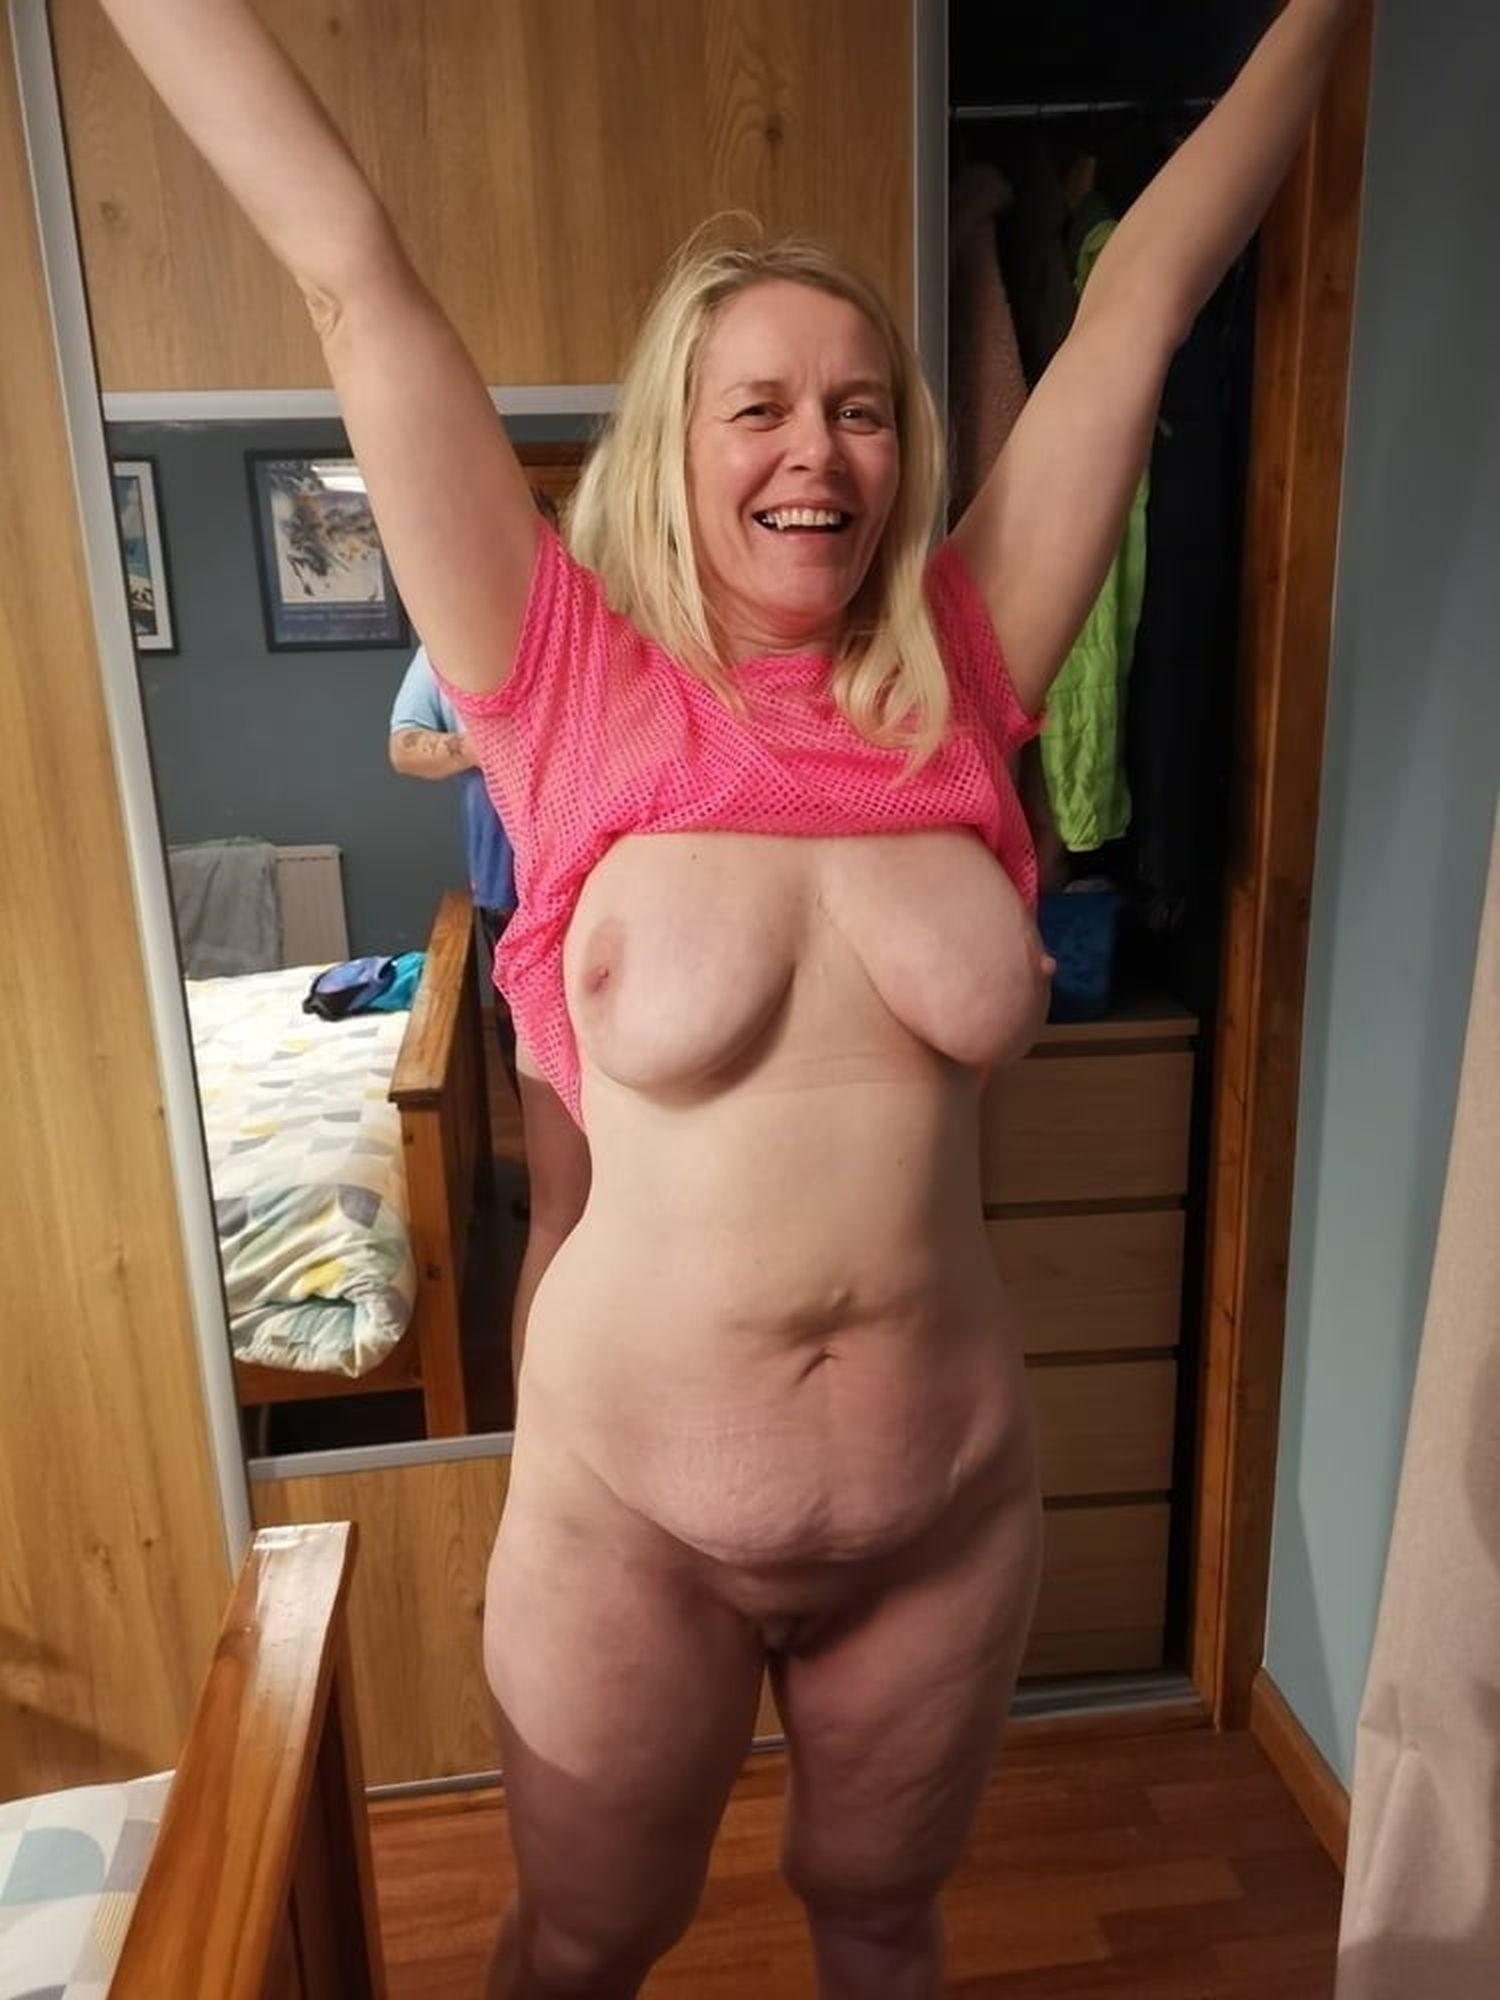 darmowe zdjęcia nagich kobiet